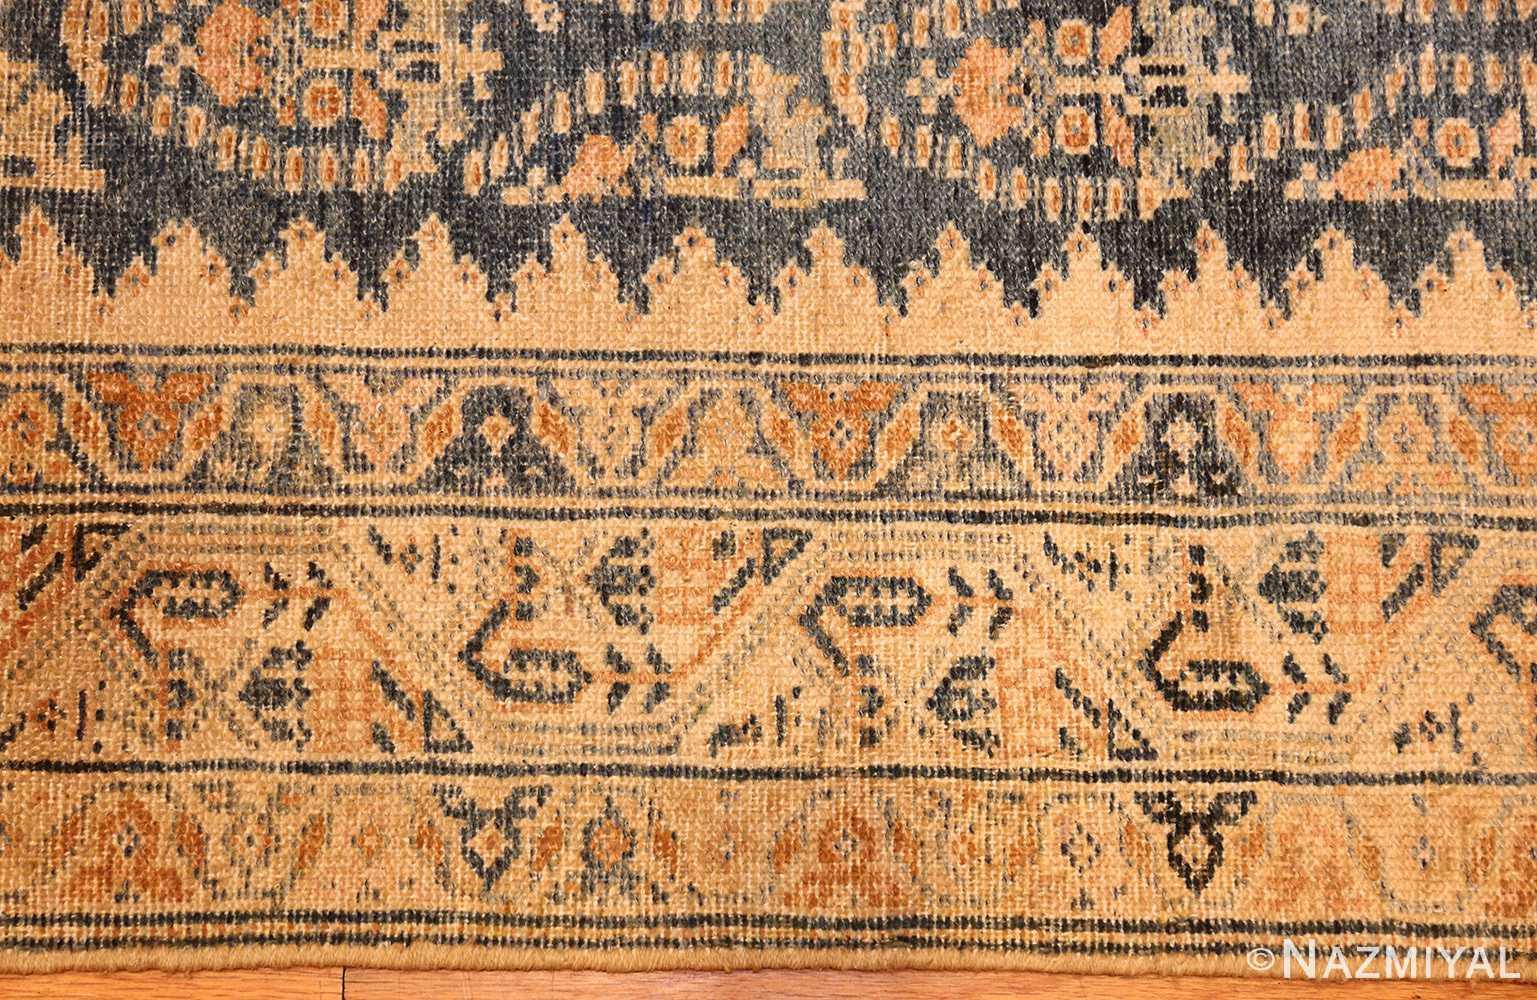 antique paisley design persian malayer runner rug 48824 border Nazmiyal